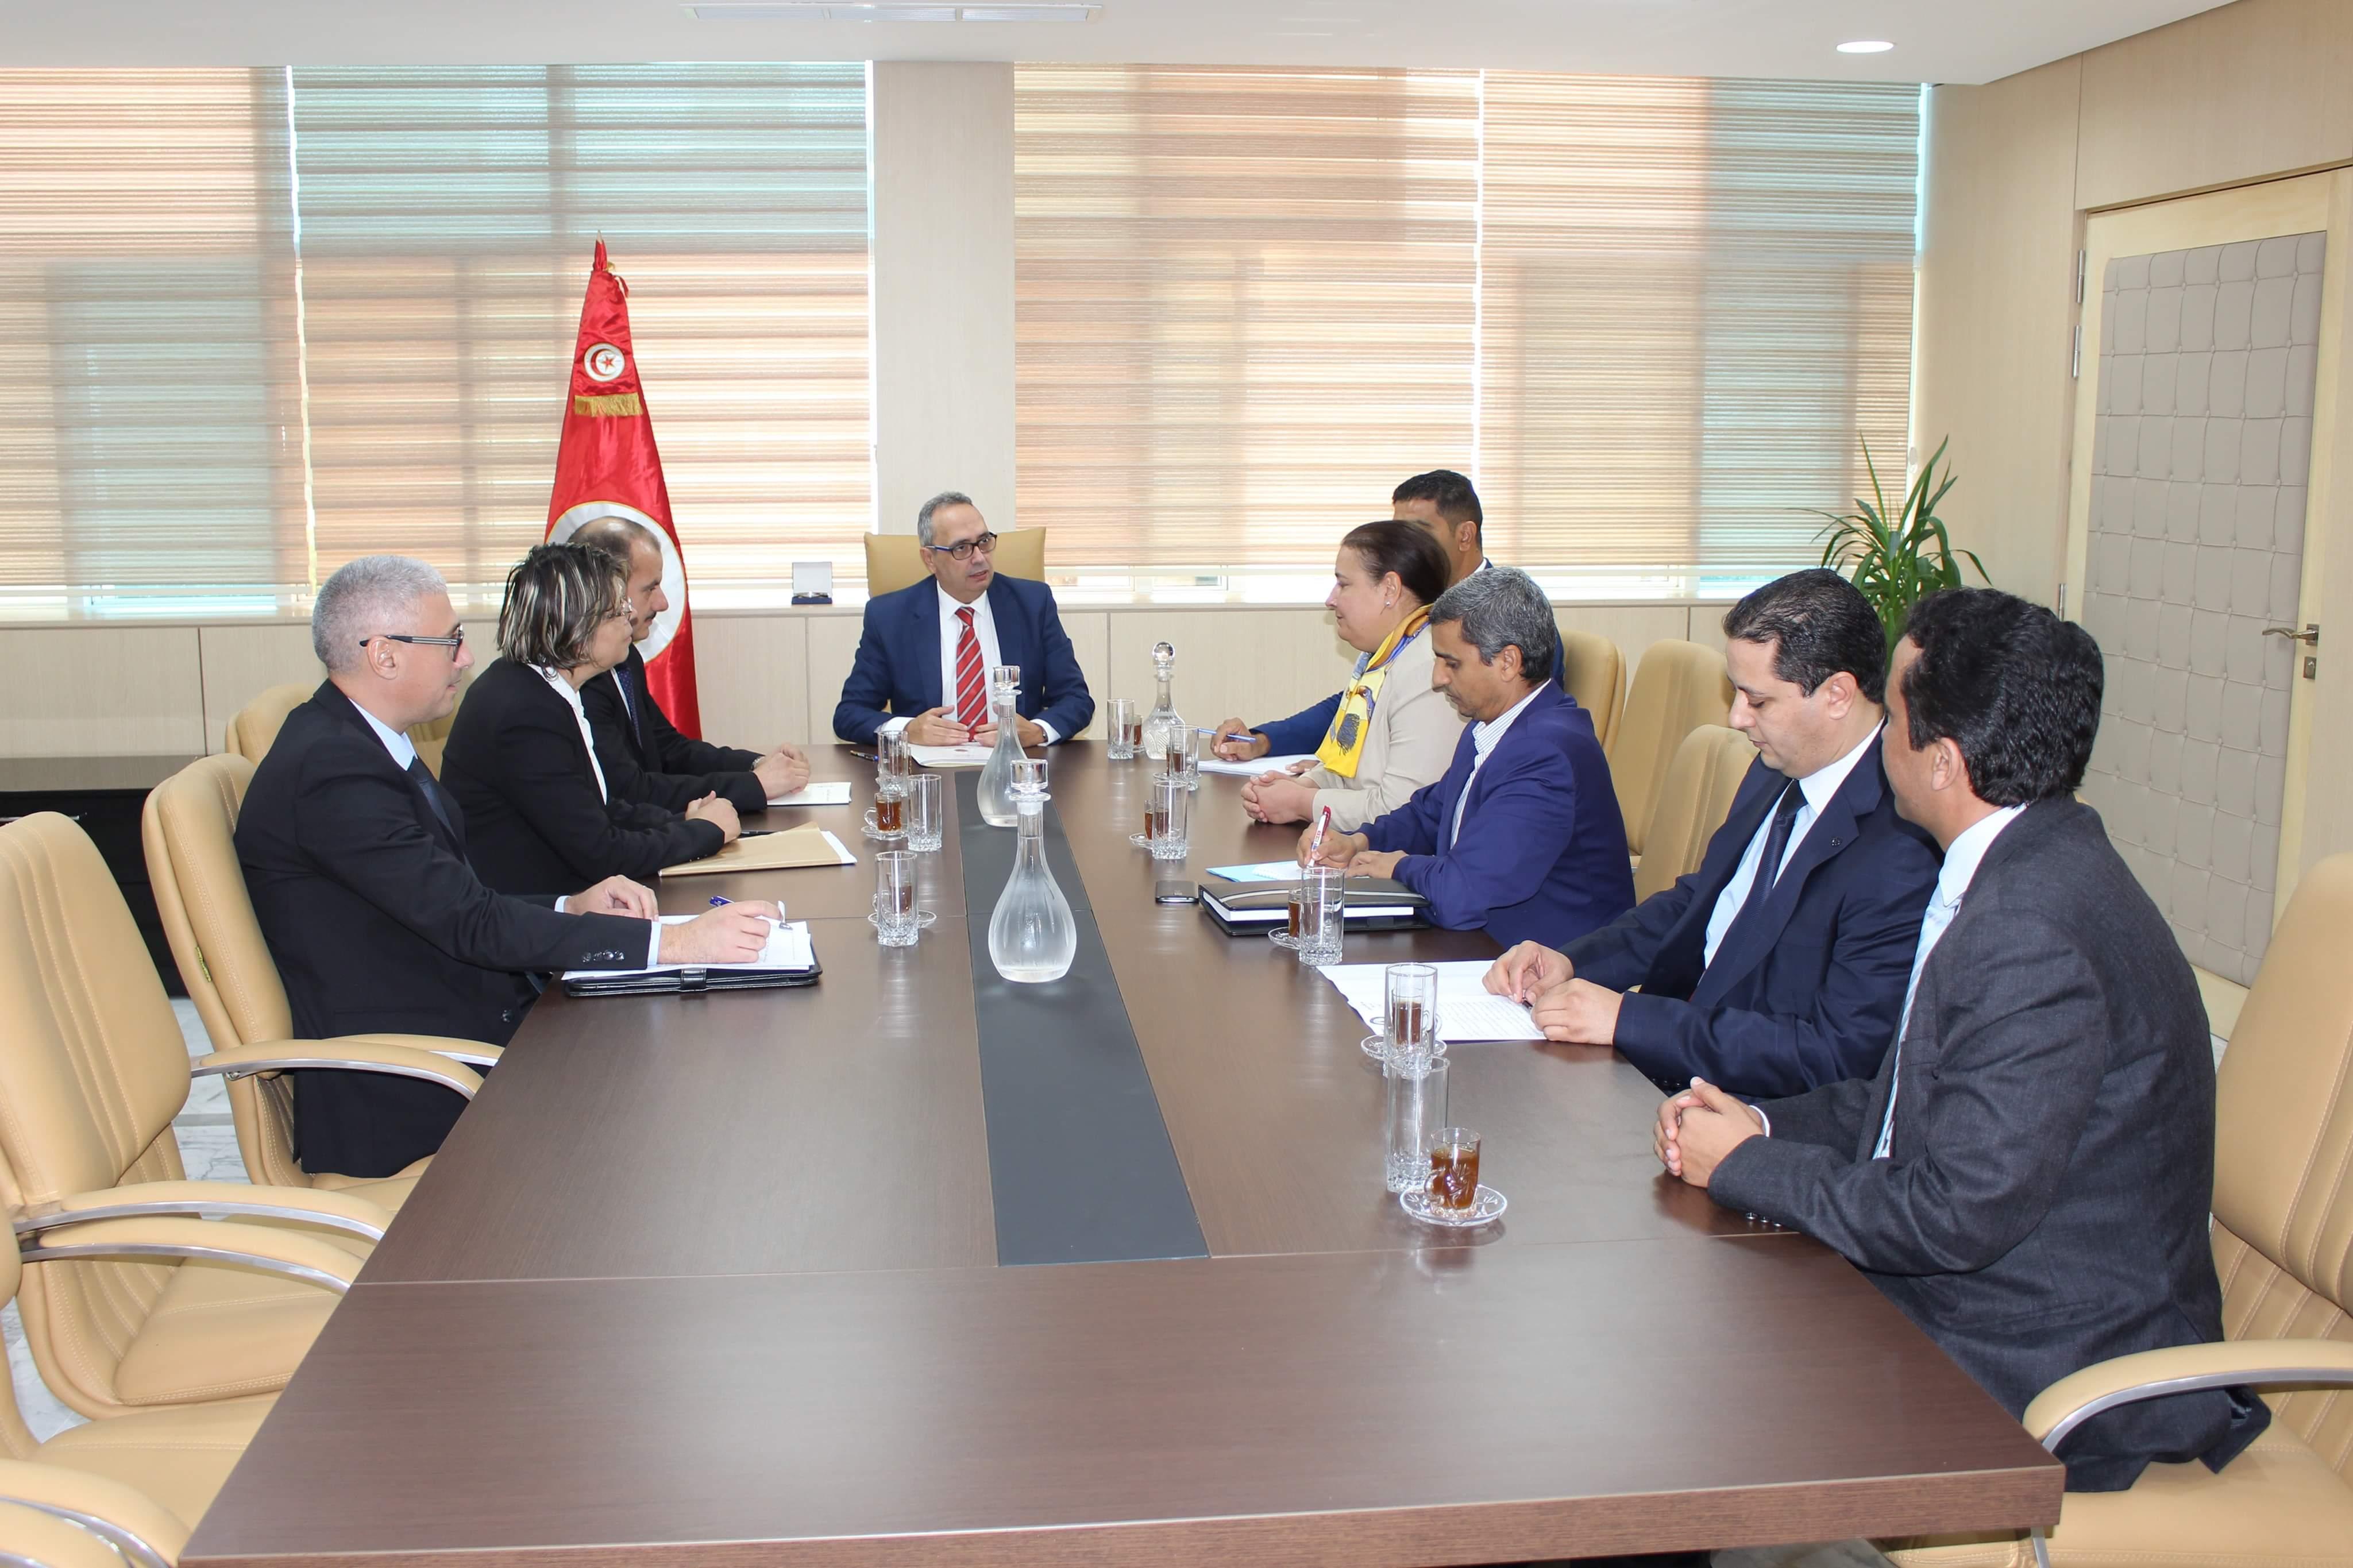 وزير العدل يلتقي كل من رئيس جمعية القضاة التونسيين ورئيسة مجلس إدارة تعاونية القضاة: